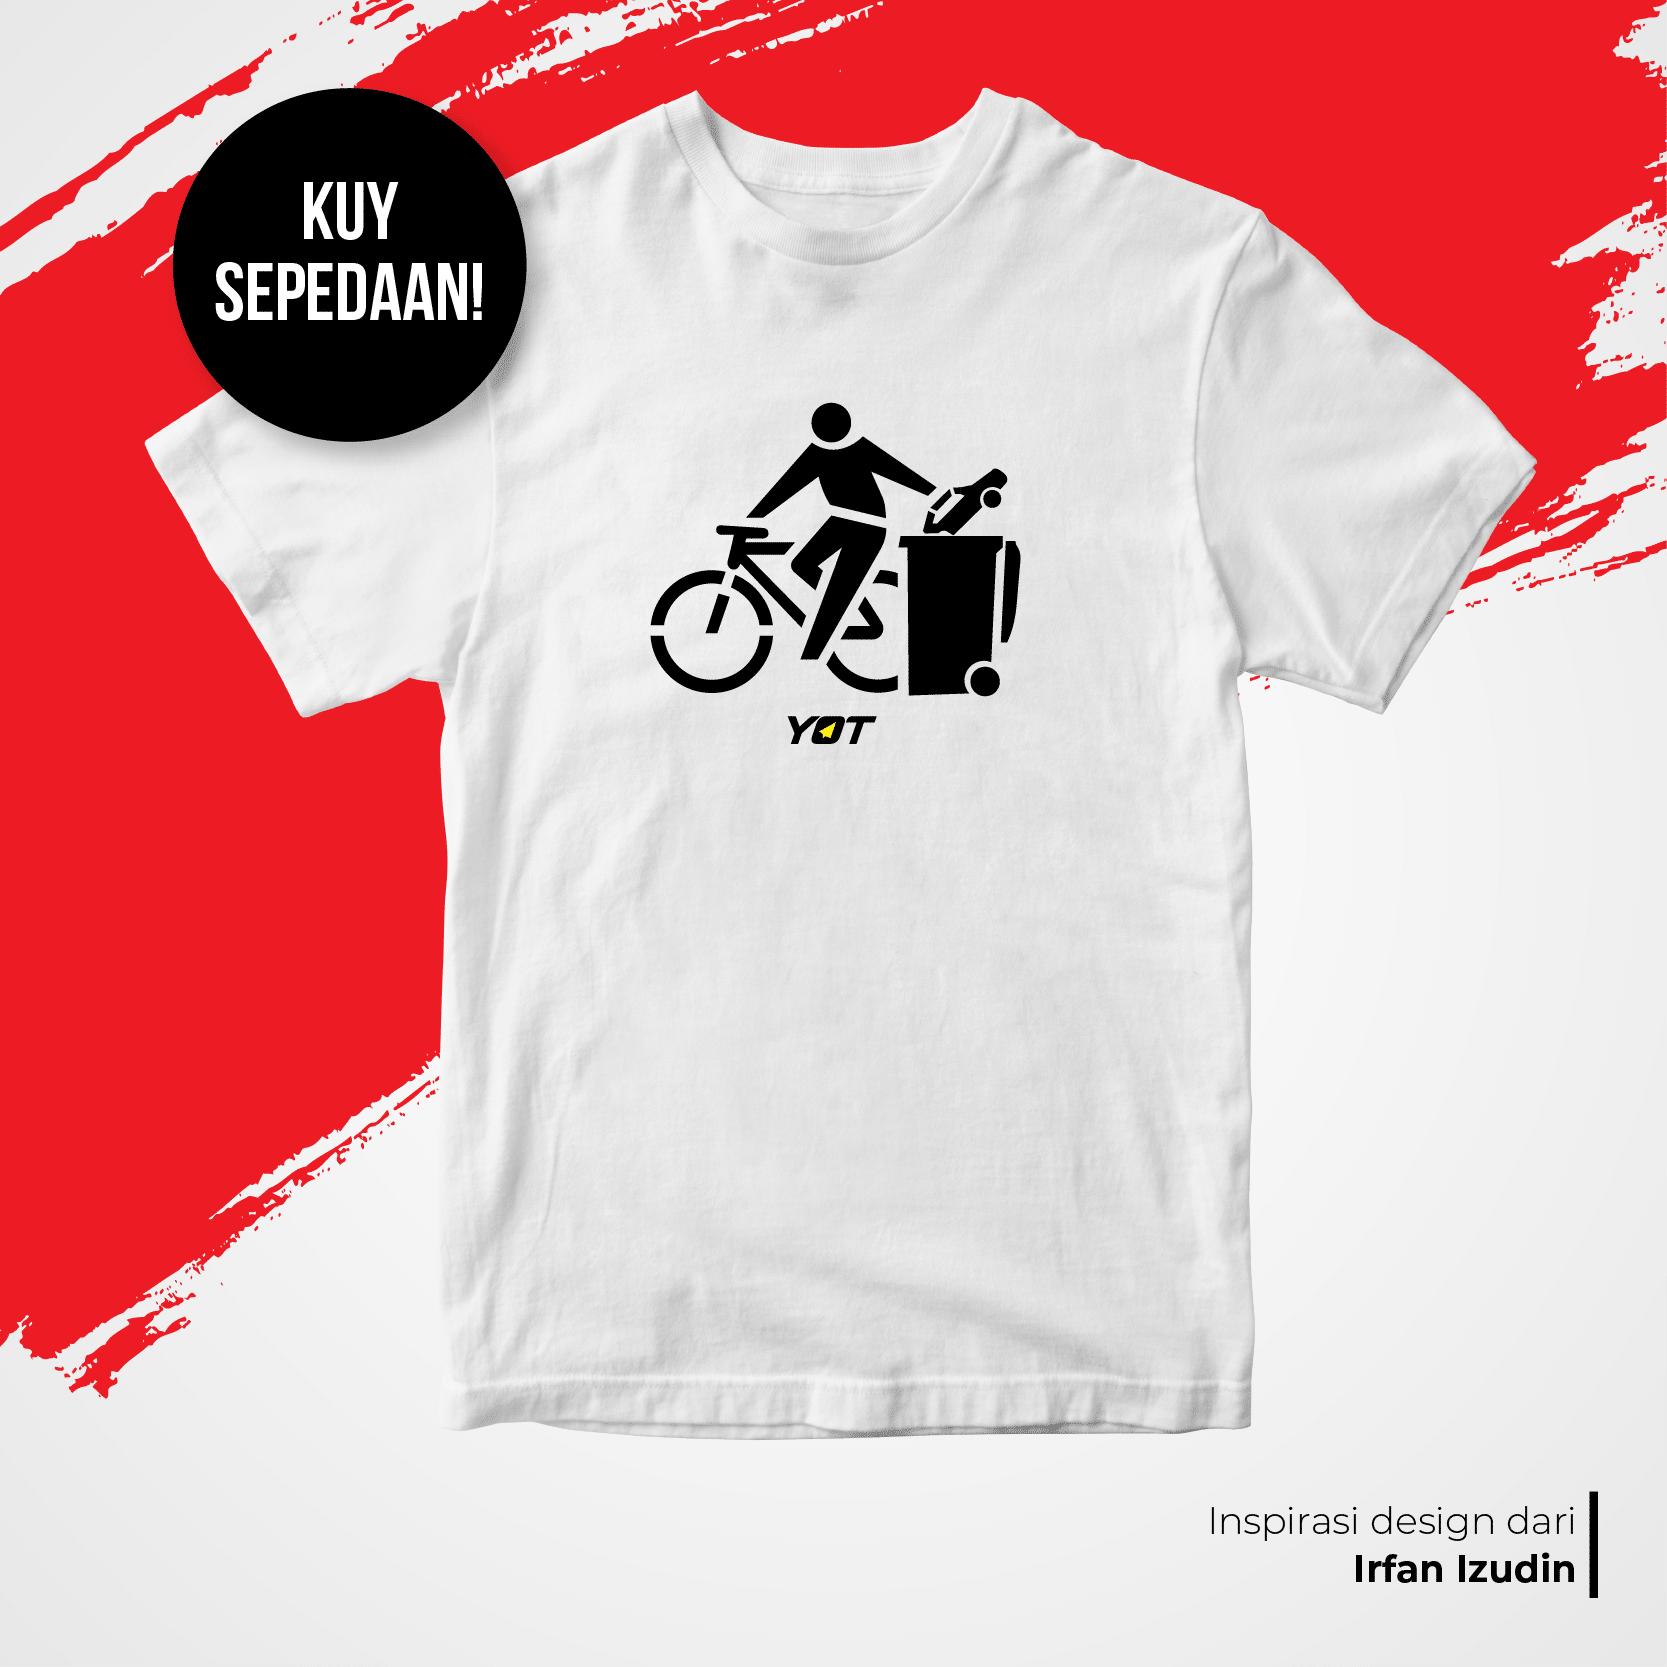 Kuy Sepedaan!